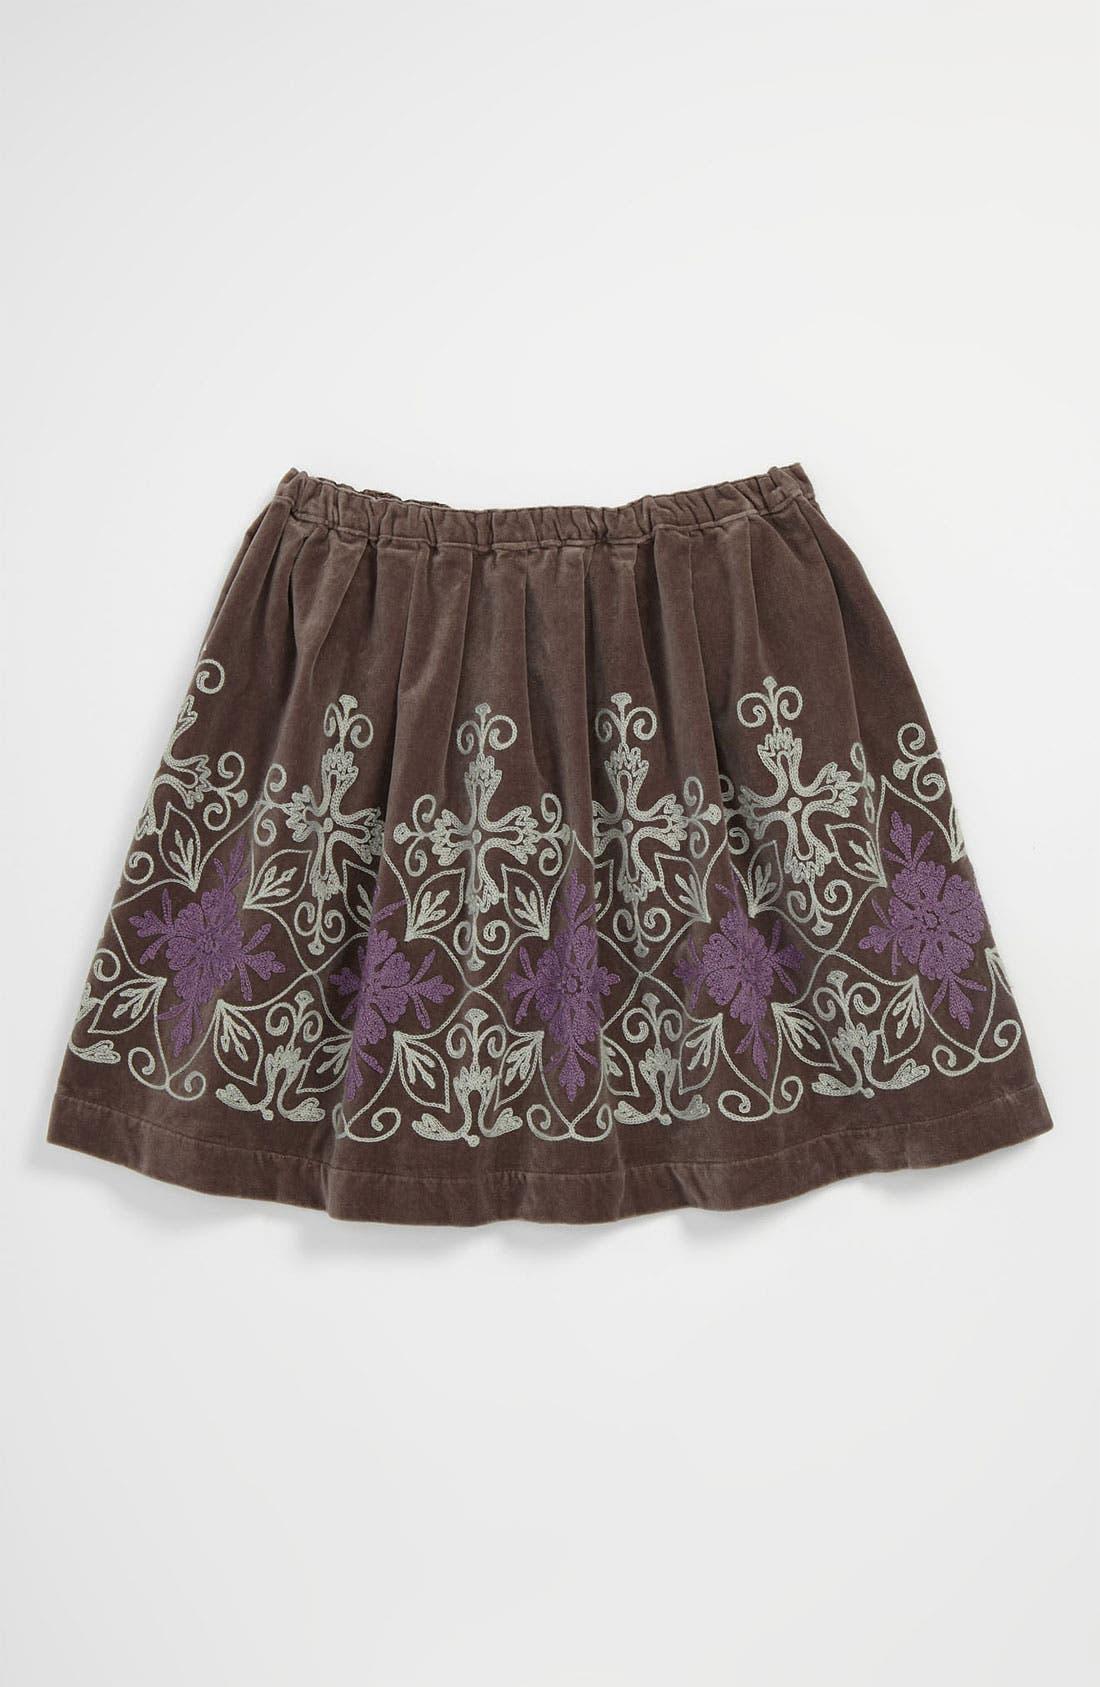 Alternate Image 1 Selected - Peek 'Frida' Embroidered Velvet Skirt (Toddler, Little Girls & Big Girls)